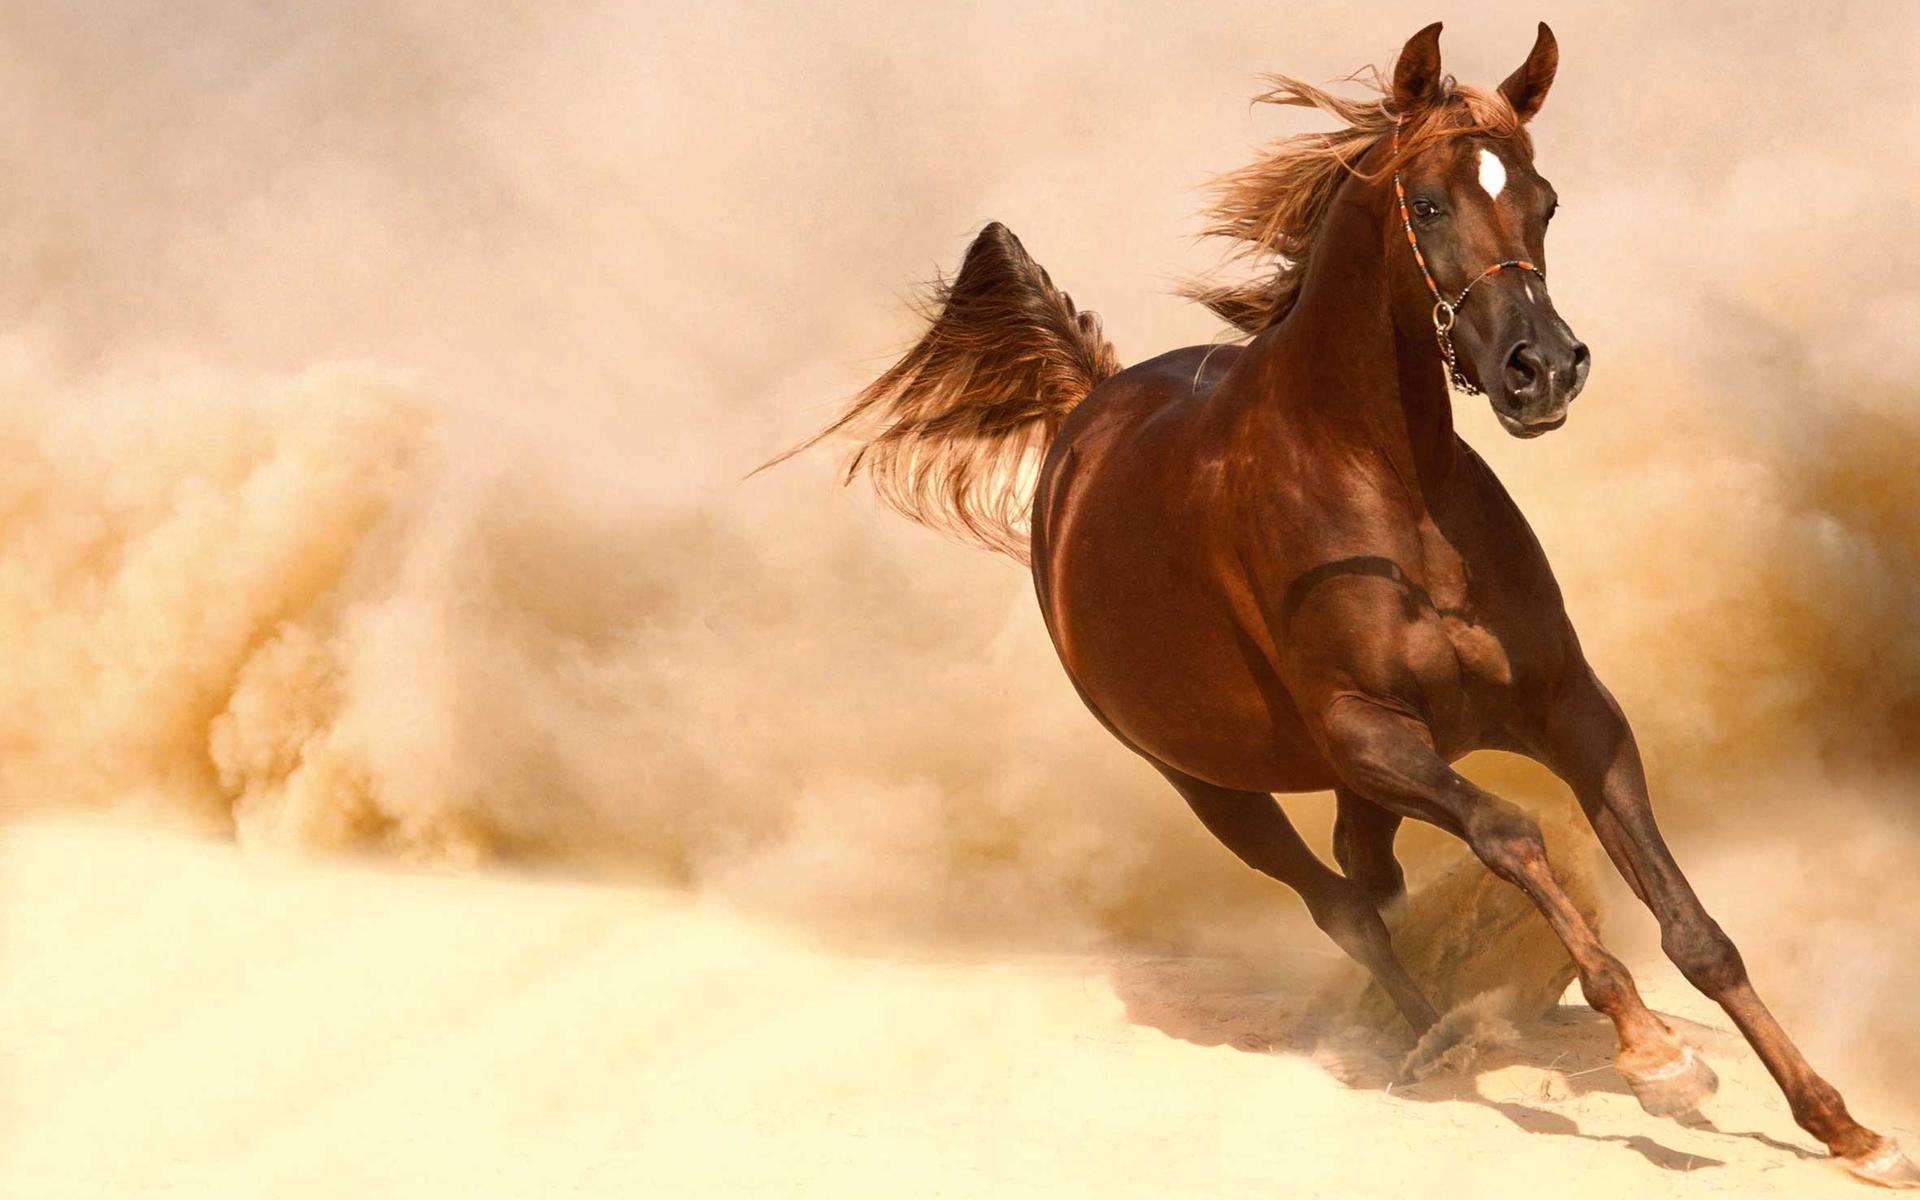 Horse HD Wallpaper